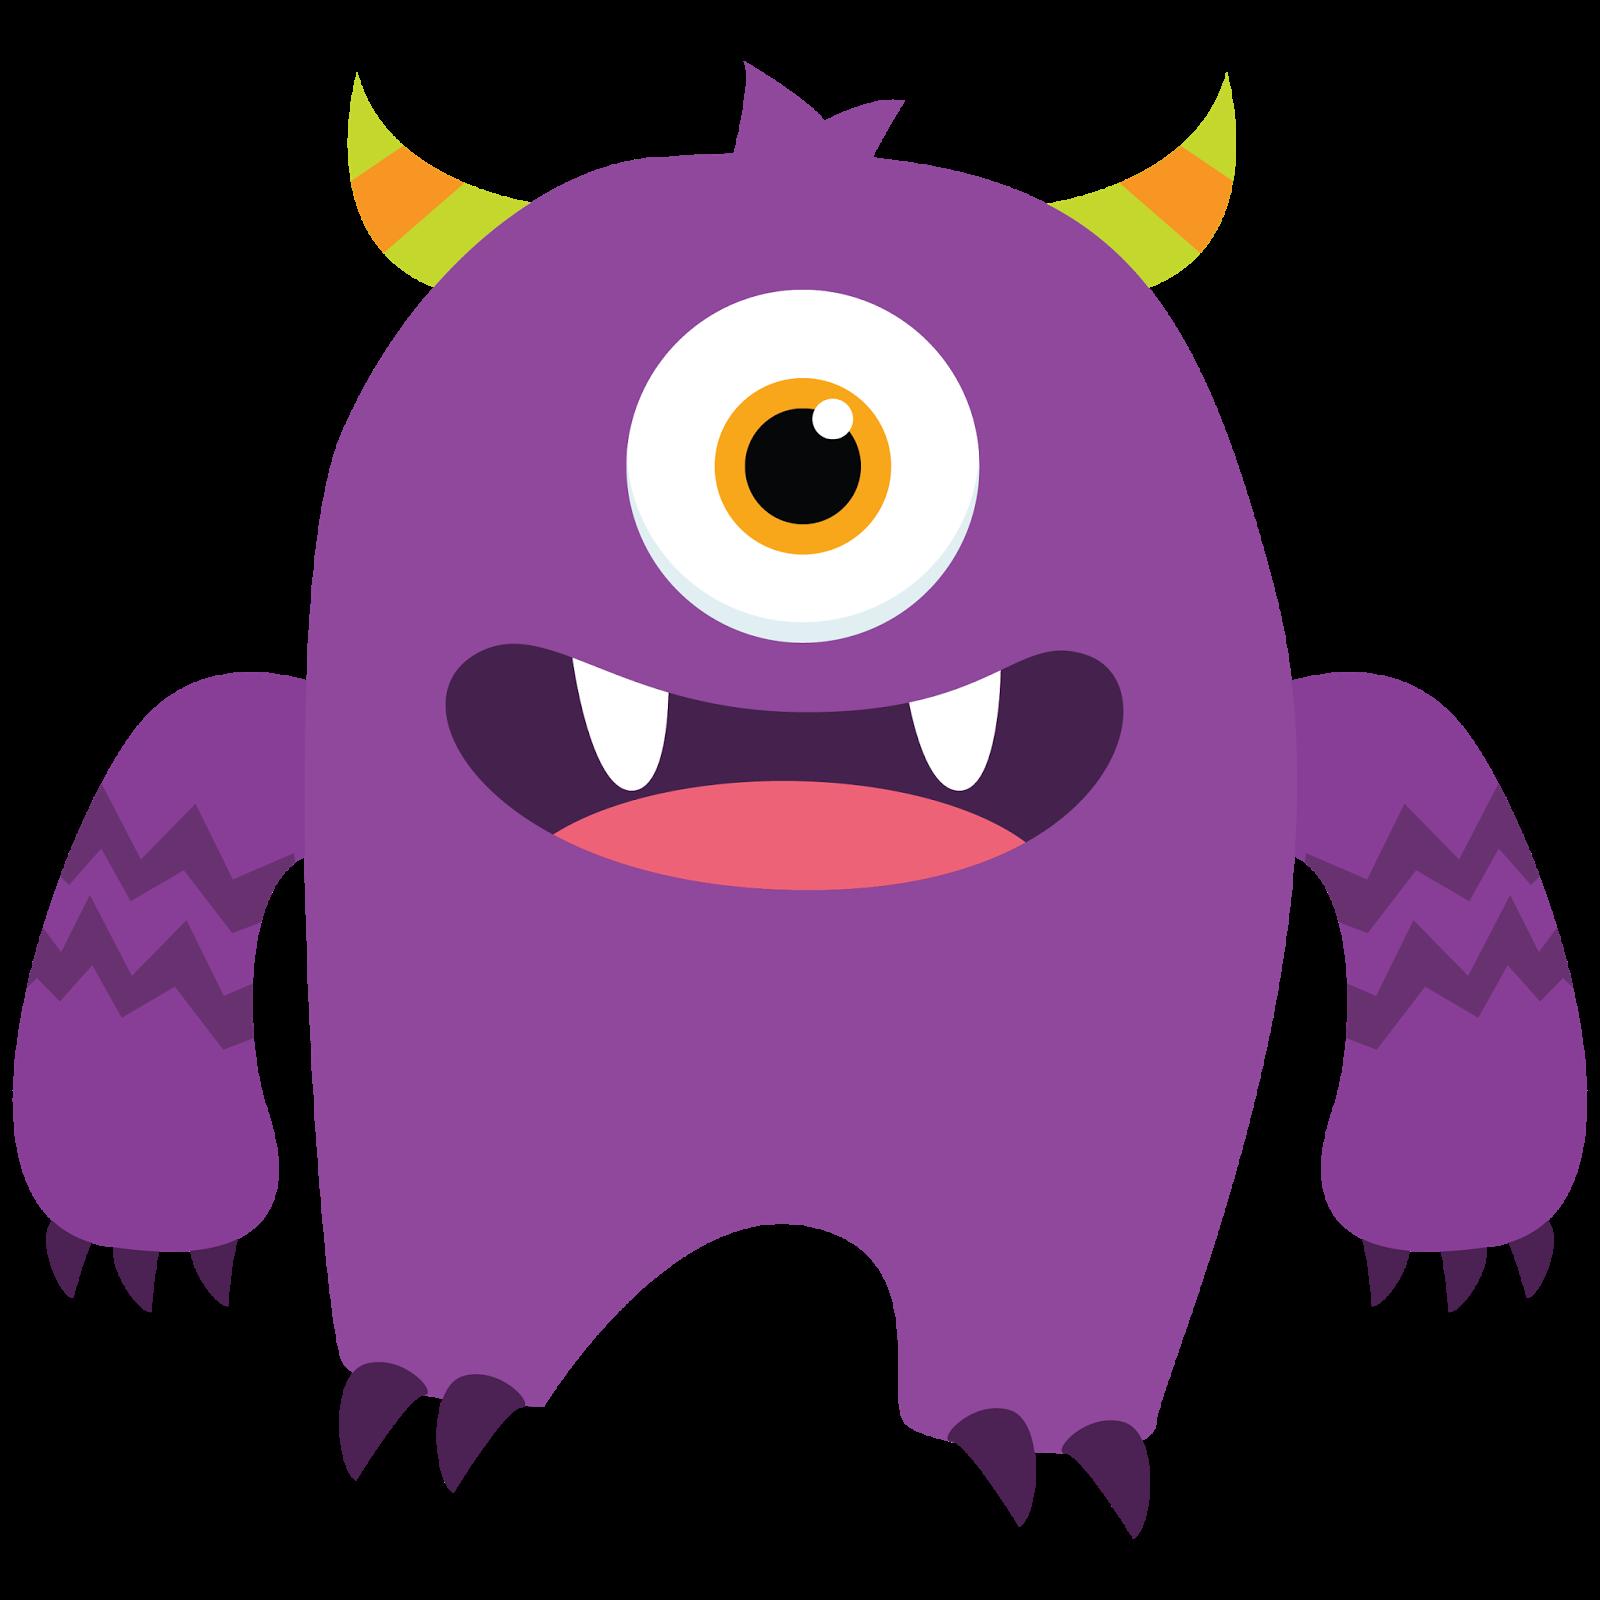 Cute monster clipart vectors .-Cute monster clipart vectors .-4